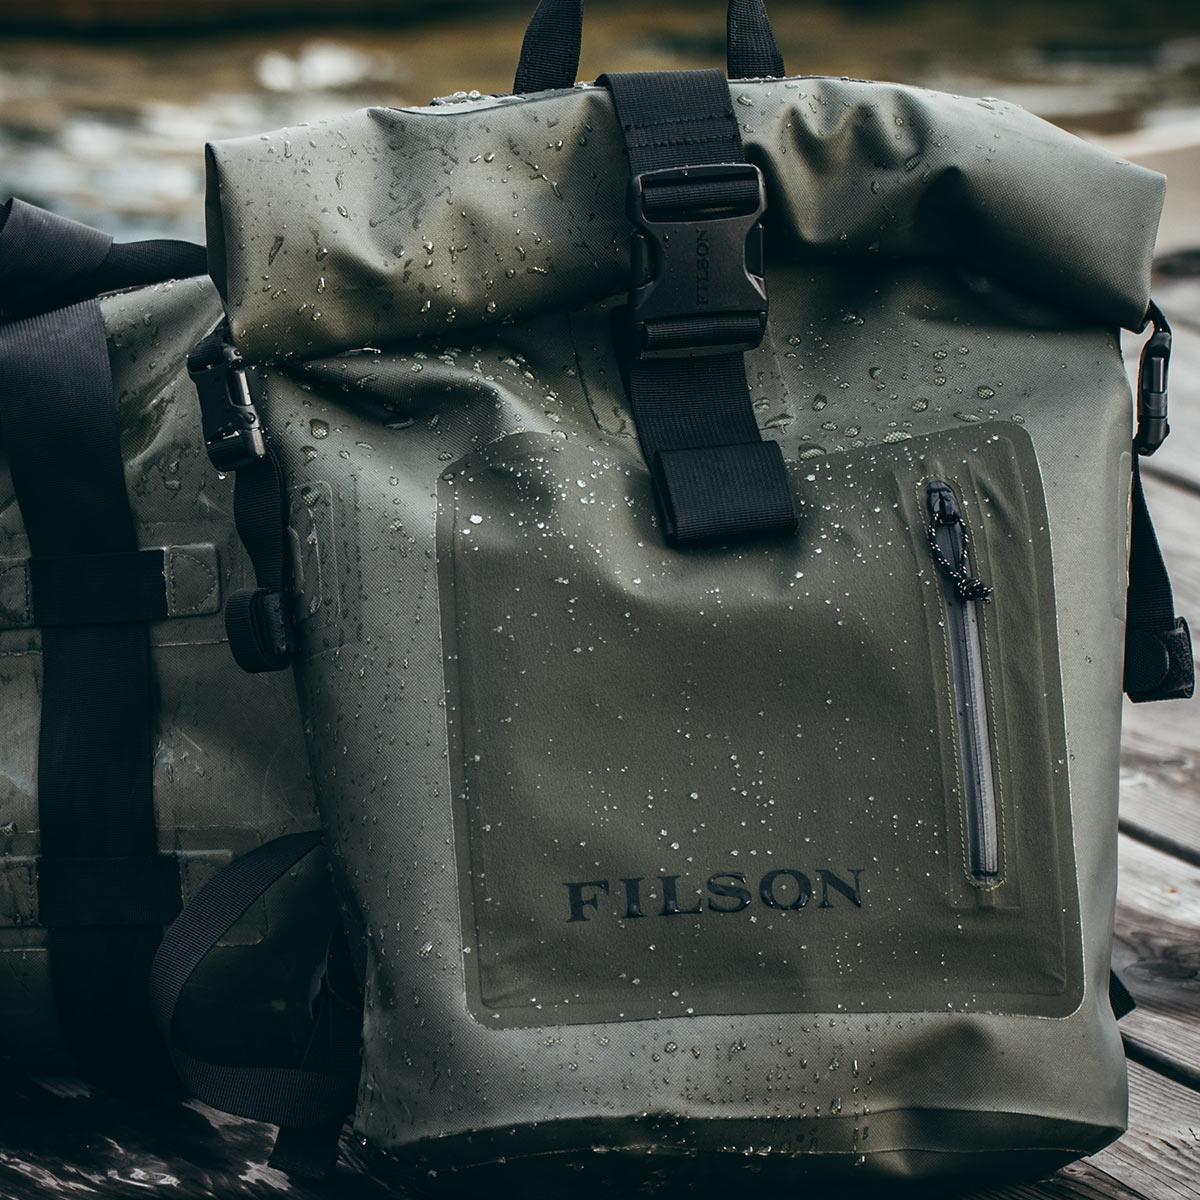 Filson Dry Backpack, houdt je uitrusting droog in alle weersomstandigheden